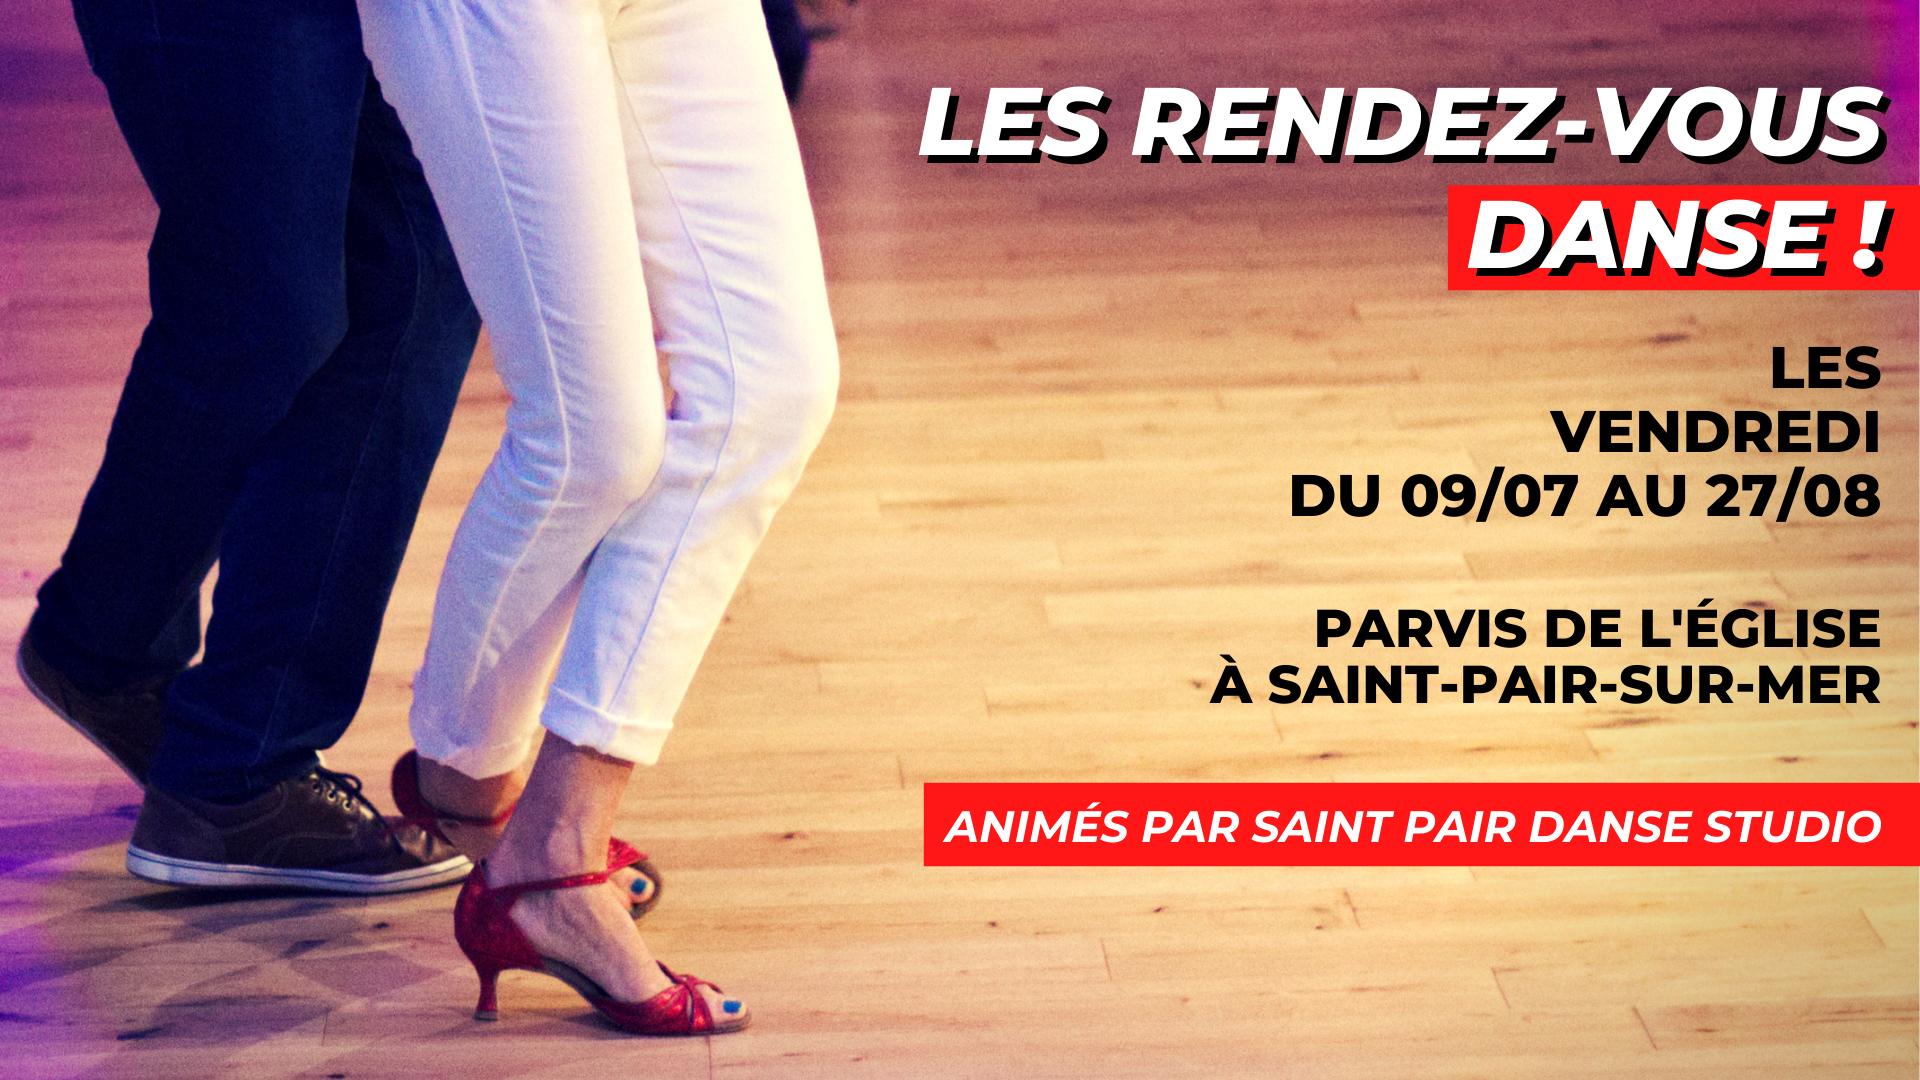 Apprendre à danser avec les Rendez-vous danse à Saint-Pair-sur-Mer du 9/07 au 27/08